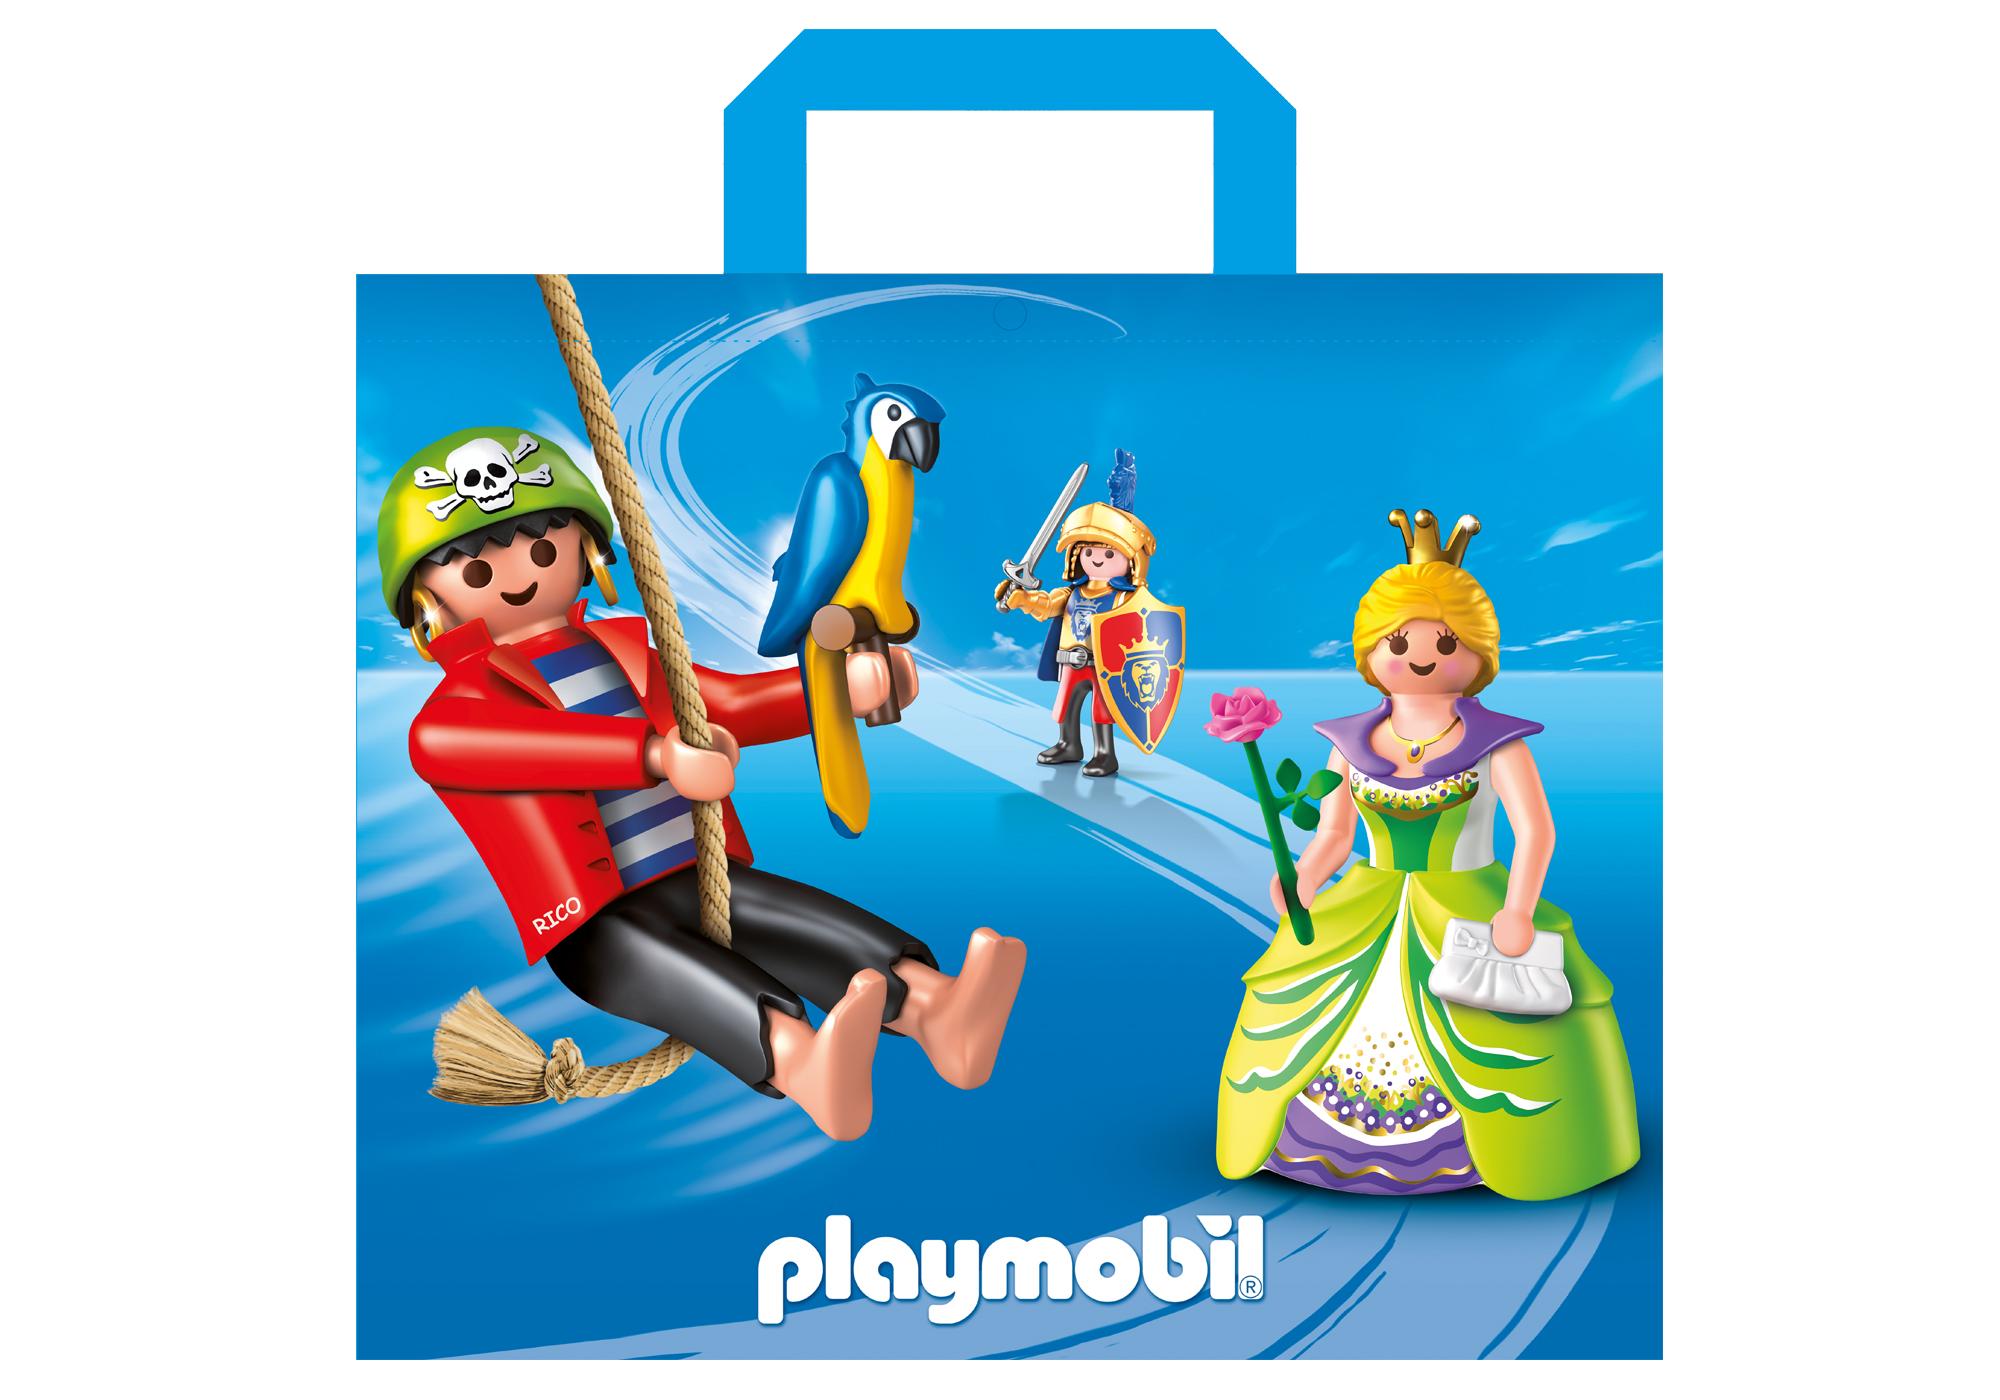 http://media.playmobil.com/i/playmobil/86489_product_detail/Saco de Compras Grande